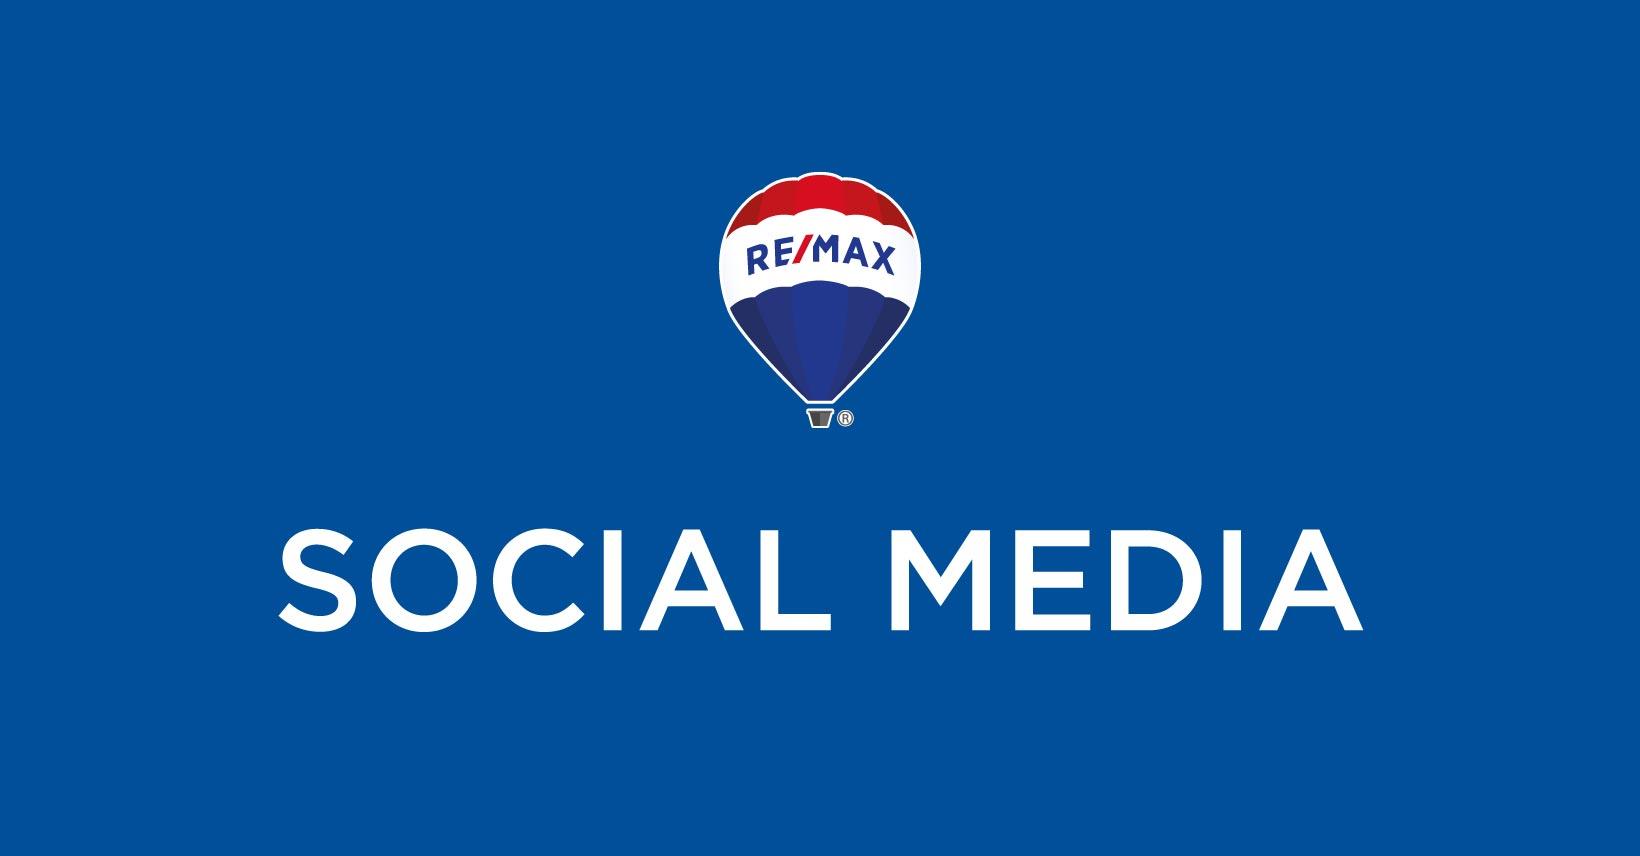 Guía práctica para tener éxito en las Redes Sociales